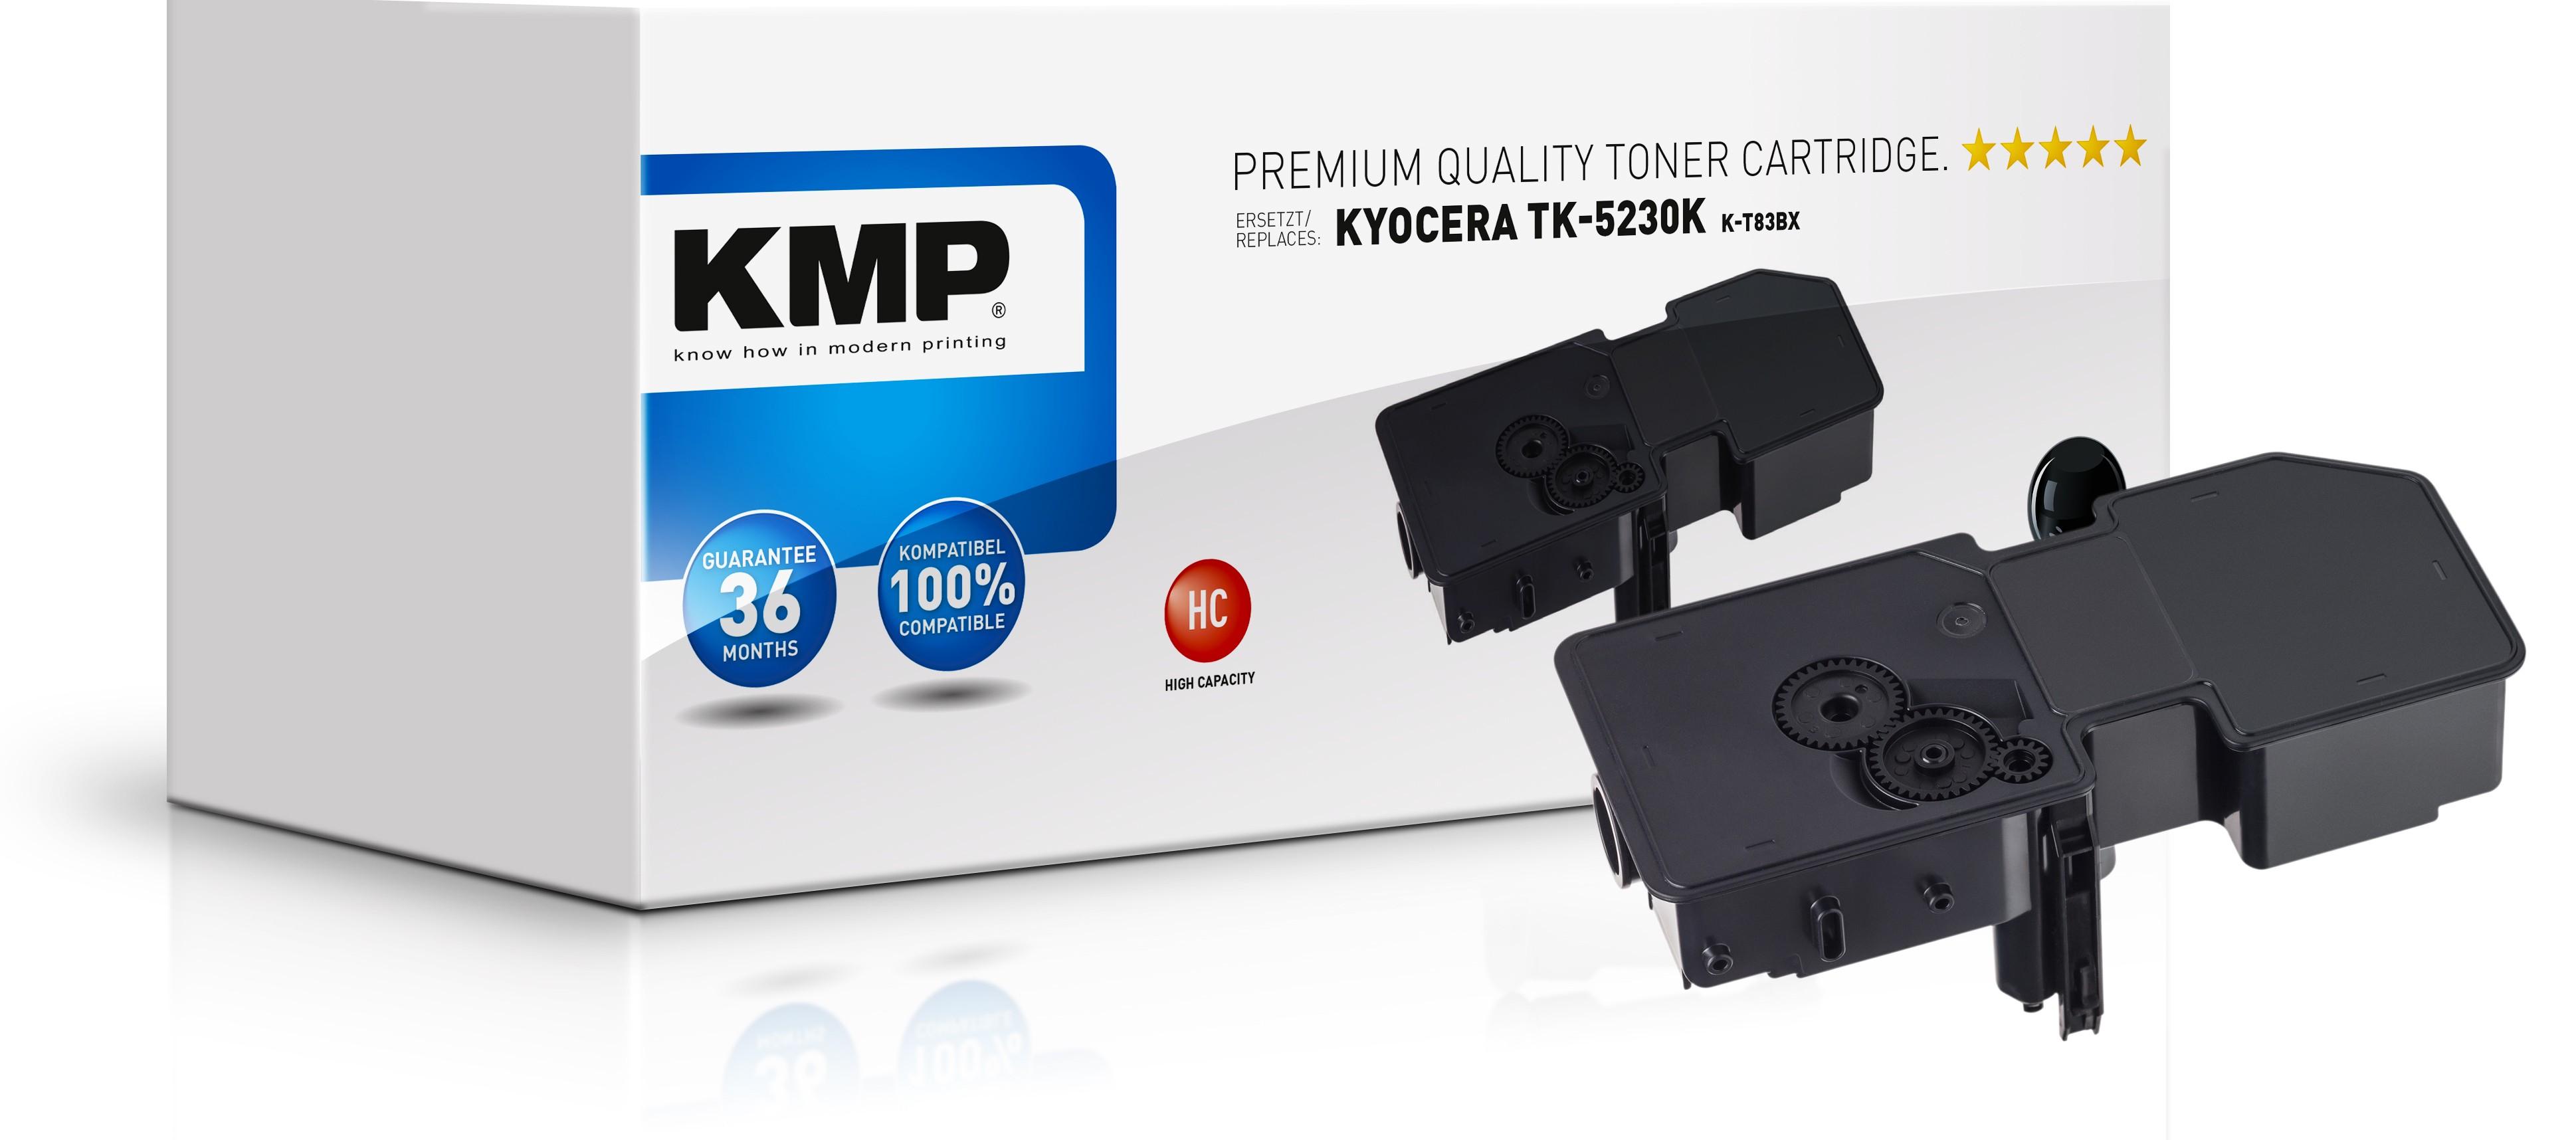 KMP K-T83BX - 2600 Seiten - Schwarz - 1 Stück(e)